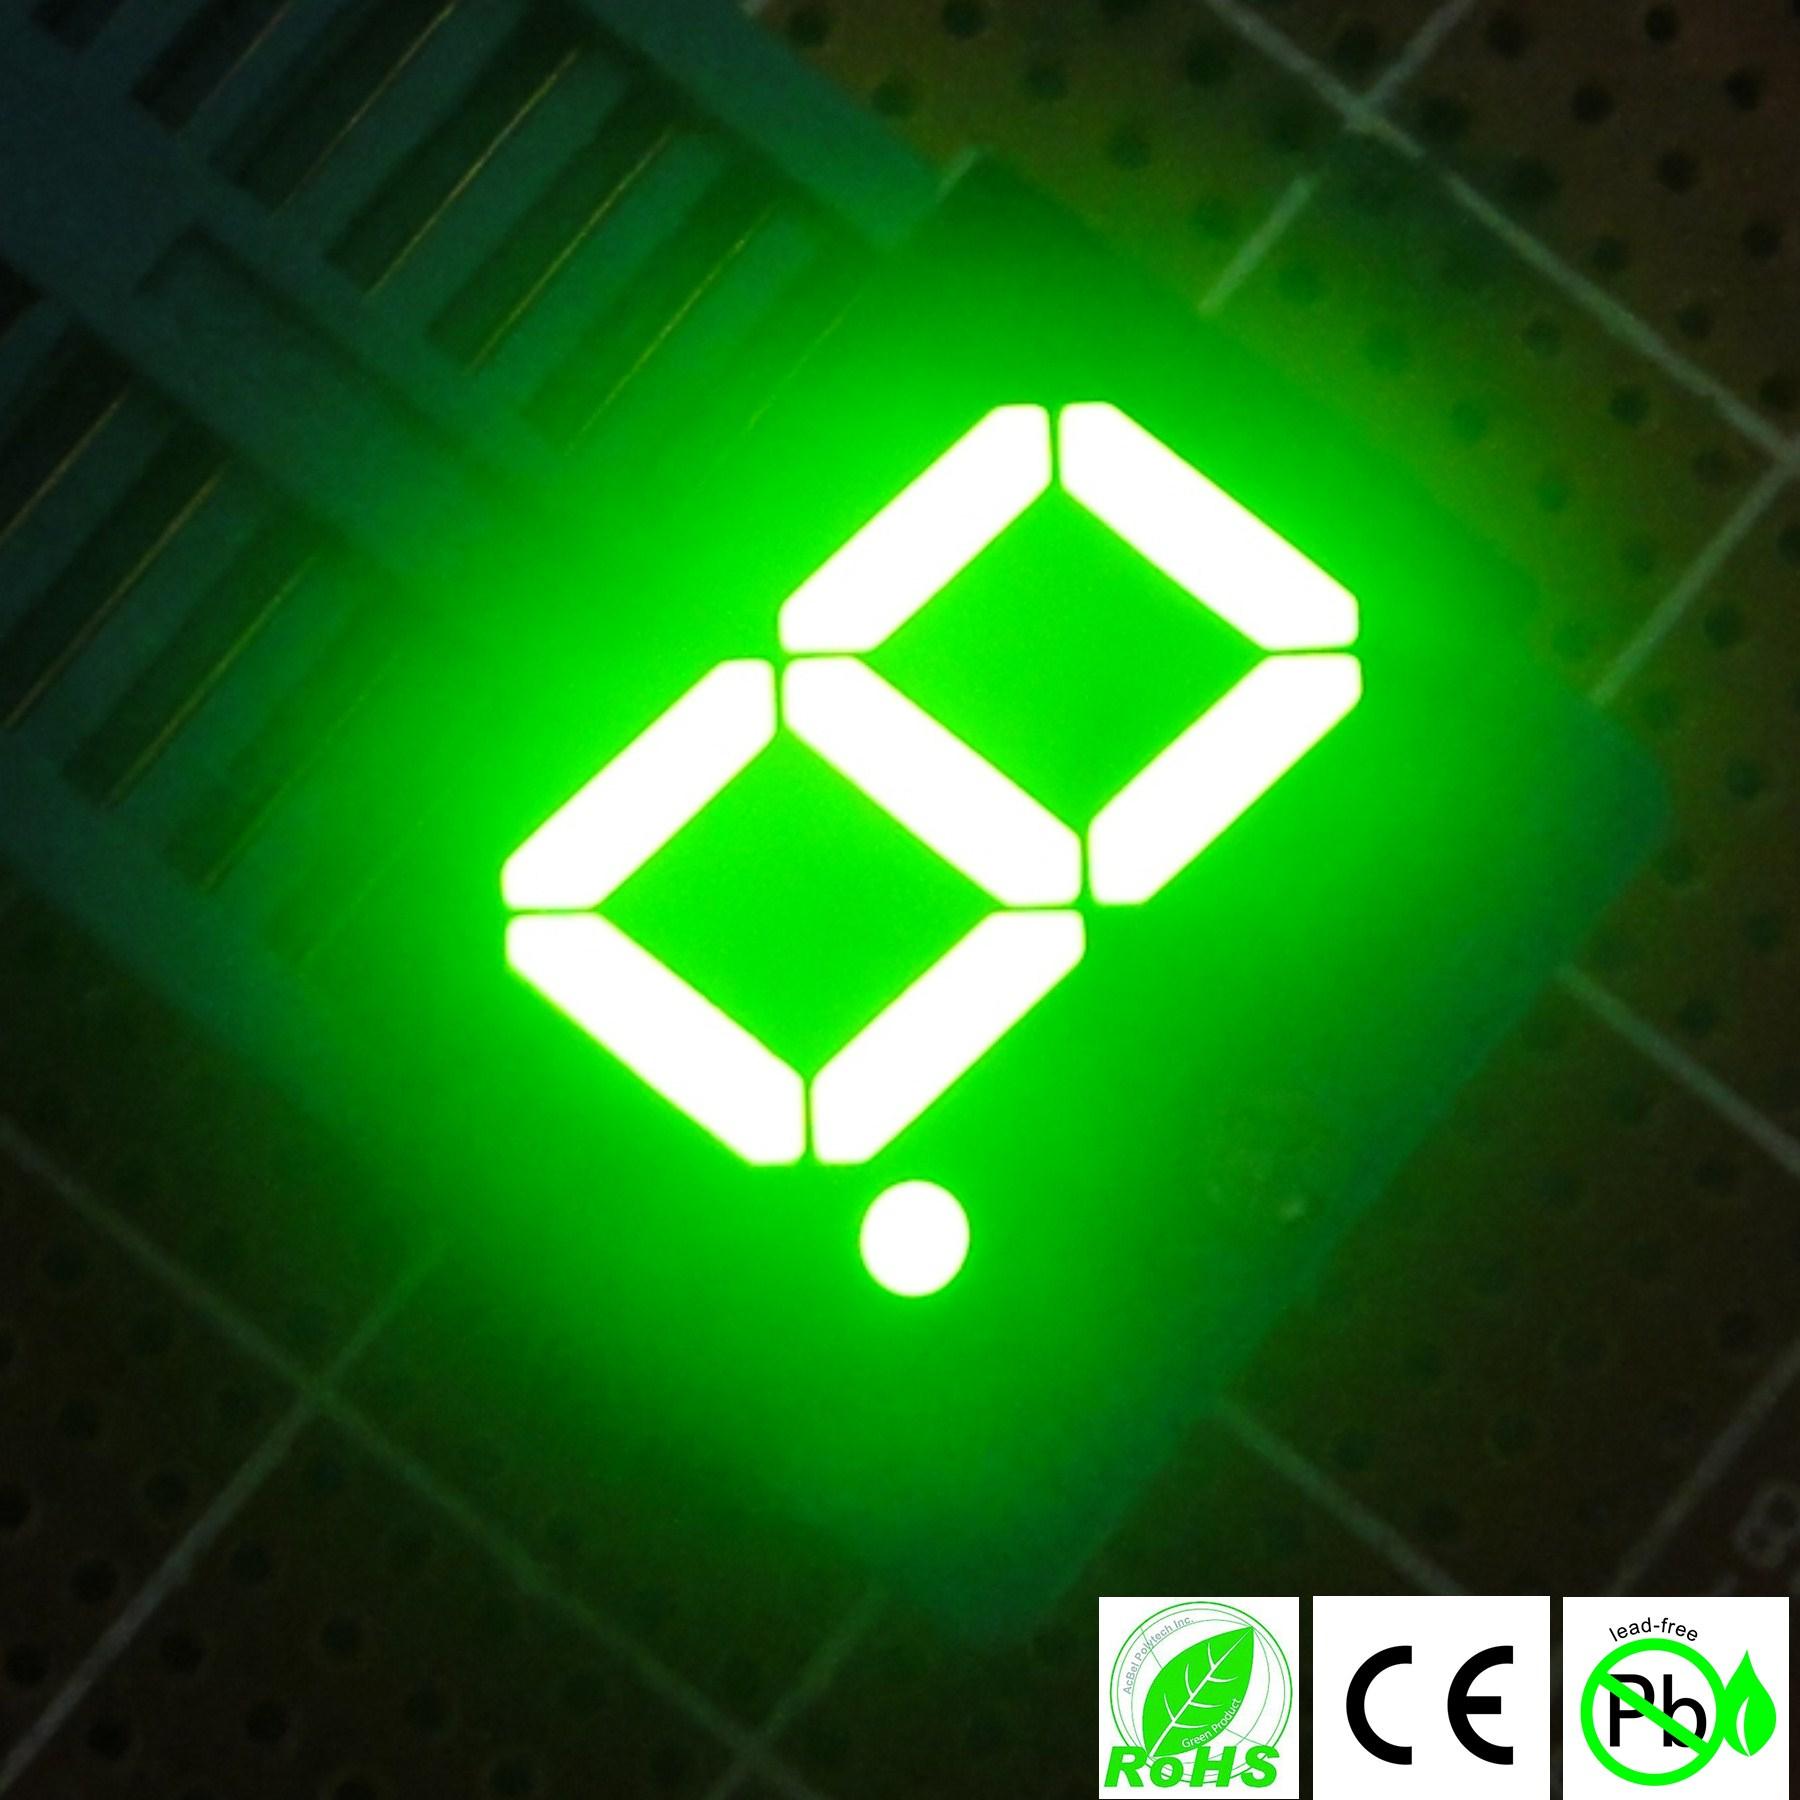 Kaufen SMD-LED-Anzeige 0,56 Zoll 1-stellige LED 7-Segment-SMD-Anzeige Grün;SMD-LED-Anzeige 0,56 Zoll 1-stellige LED 7-Segment-SMD-Anzeige Grün Preis;SMD-LED-Anzeige 0,56 Zoll 1-stellige LED 7-Segment-SMD-Anzeige Grün Marken;SMD-LED-Anzeige 0,56 Zoll 1-stellige LED 7-Segment-SMD-Anzeige Grün Hersteller;SMD-LED-Anzeige 0,56 Zoll 1-stellige LED 7-Segment-SMD-Anzeige Grün Zitat;SMD-LED-Anzeige 0,56 Zoll 1-stellige LED 7-Segment-SMD-Anzeige Grün Unternehmen